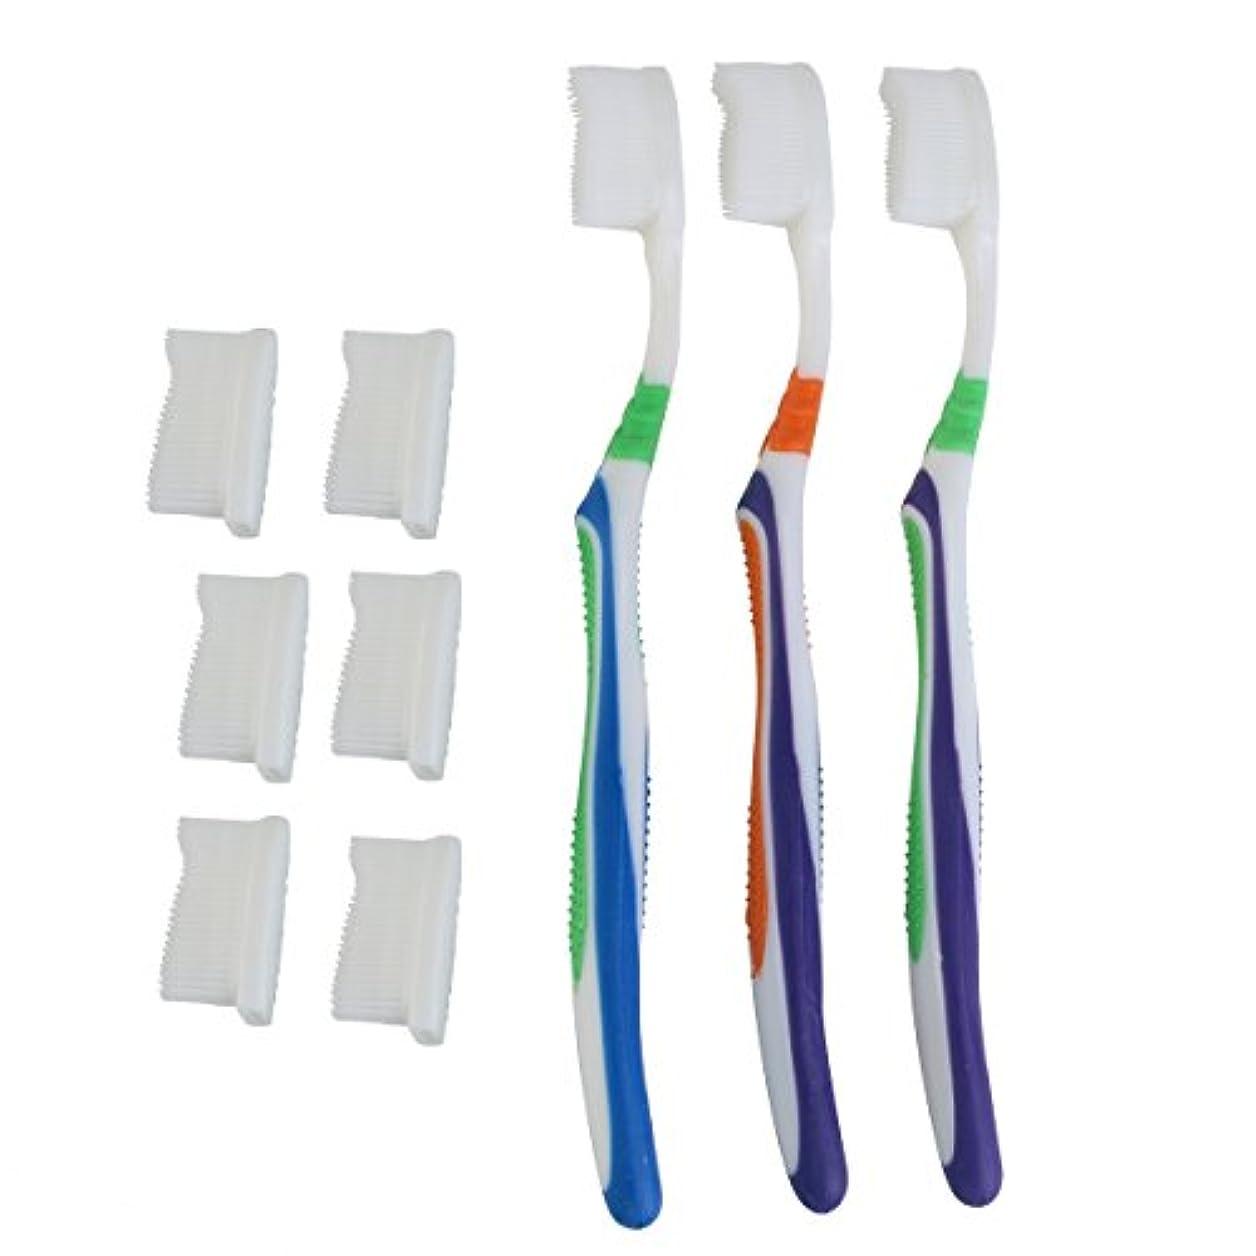 六分儀ギャラントリーバナナTOPBATHY 子供と大人のための歯ブラシの頭の代わりとなる柔らかい歯ブラシ(ランダムカラー)